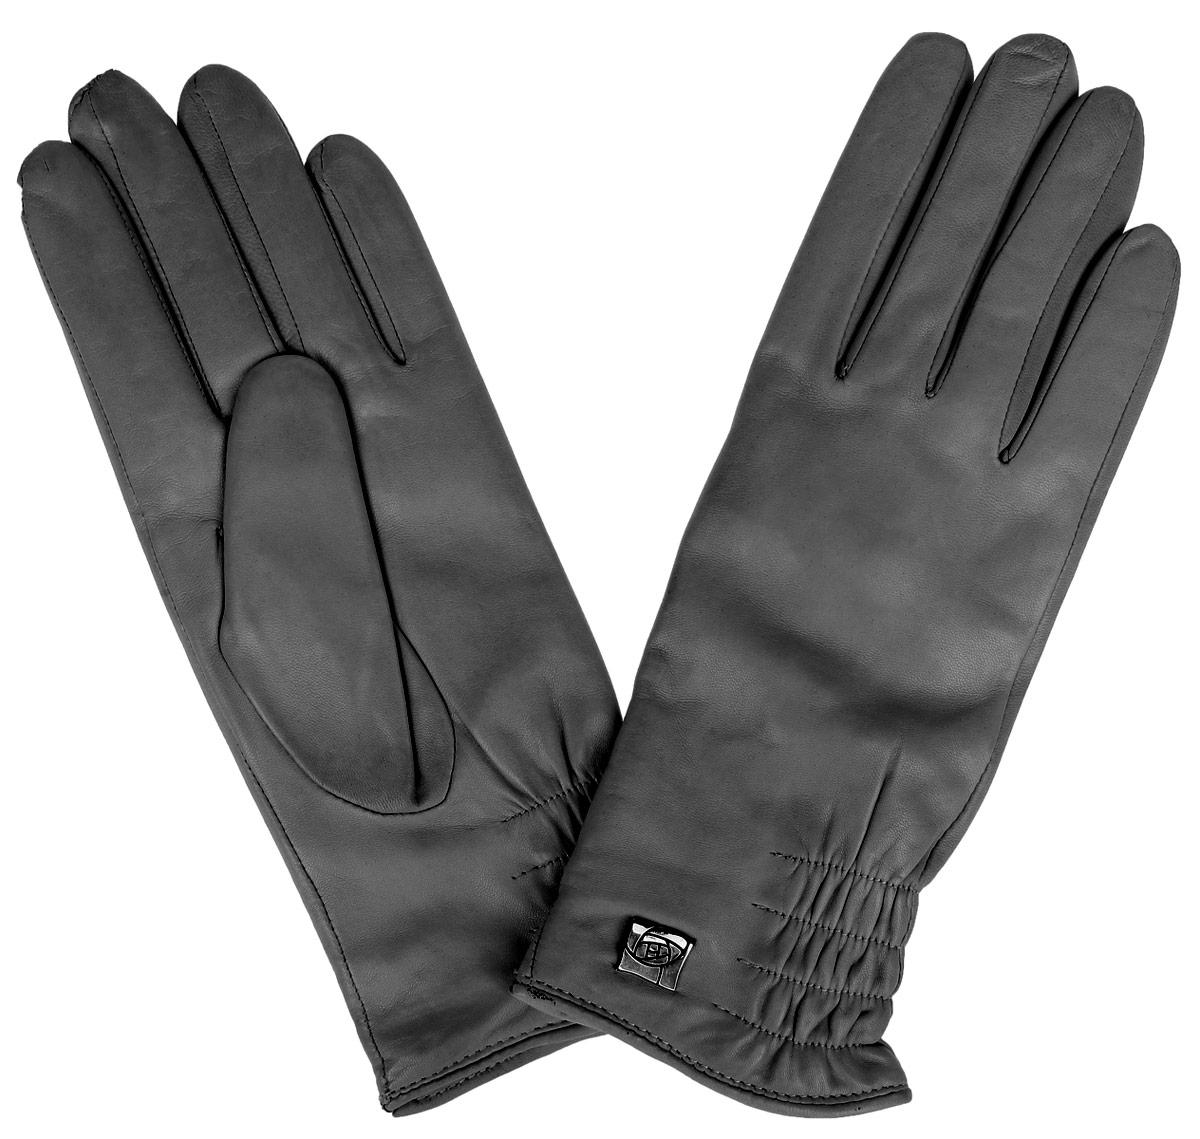 Перчатки женские Eleganzza, цвет: темно-серый. IS889. Размер 7IS889Стильные женские перчатки Eleganzza не только защитят ваши руки от холода, но и станут великолепным украшением. Перчатки выполнены из натуральной кожи на подкладке из 100% шерсти. Модель украшена декоративной резинкой и элегантным украшением в виде розы. В настоящее время перчатки являются неотъемлемой принадлежностью одежды, вместе с этим аксессуаром вы обретаете женственность и элегантность. Перчатки станут завершающим и подчеркивающим элементом вашего стиля и неповторимости.